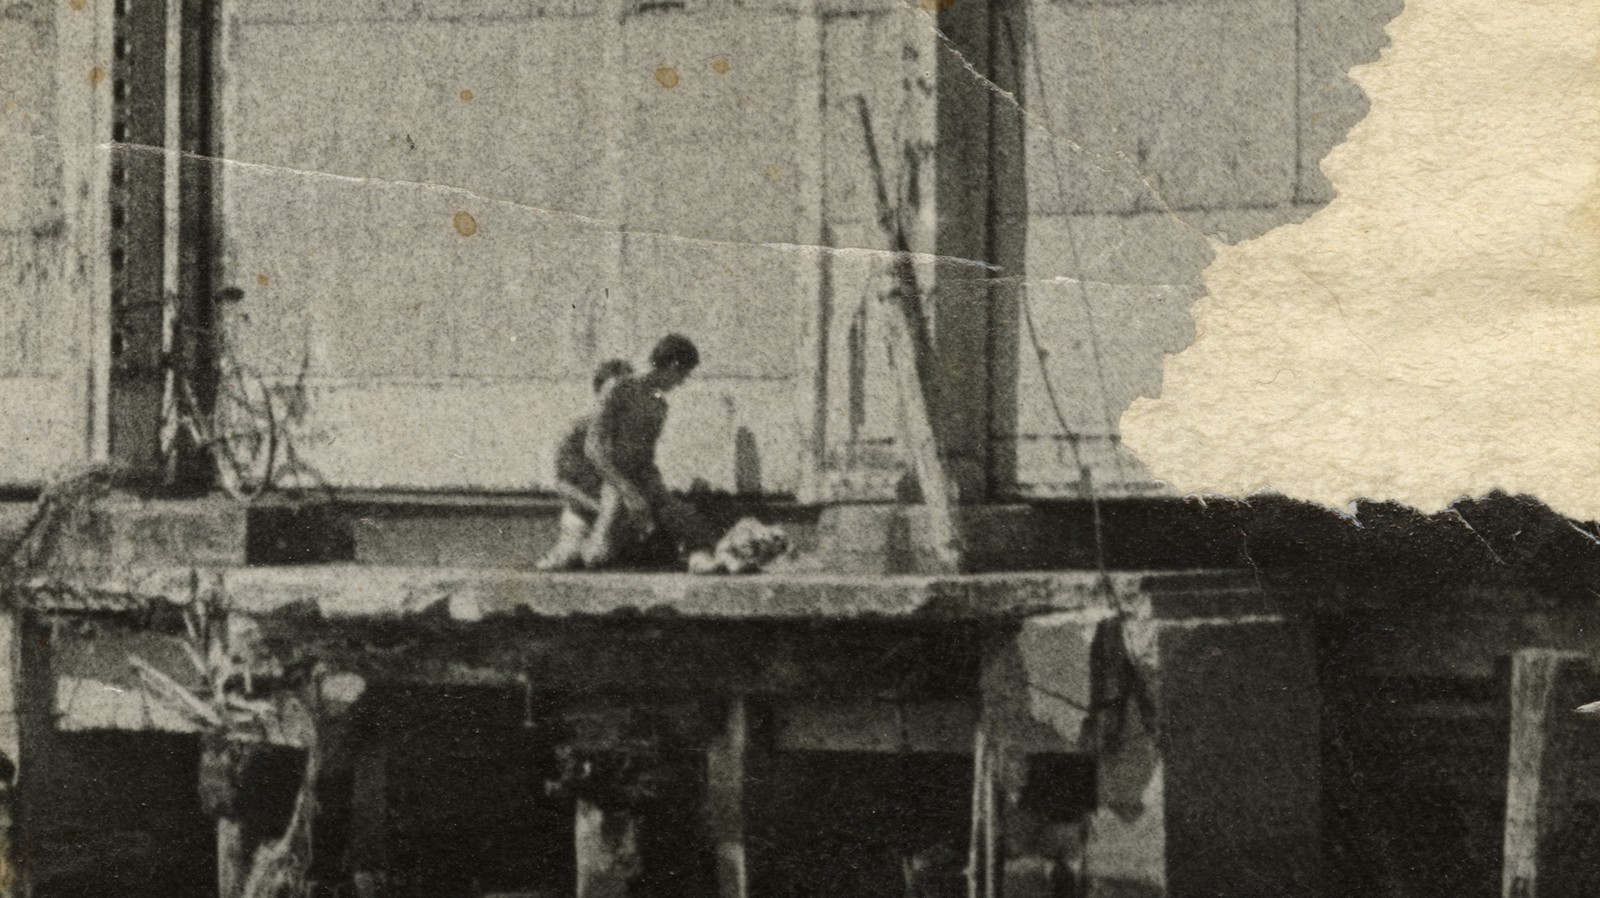 J'ai photographié la culture (disparue) du cruising des années 1970